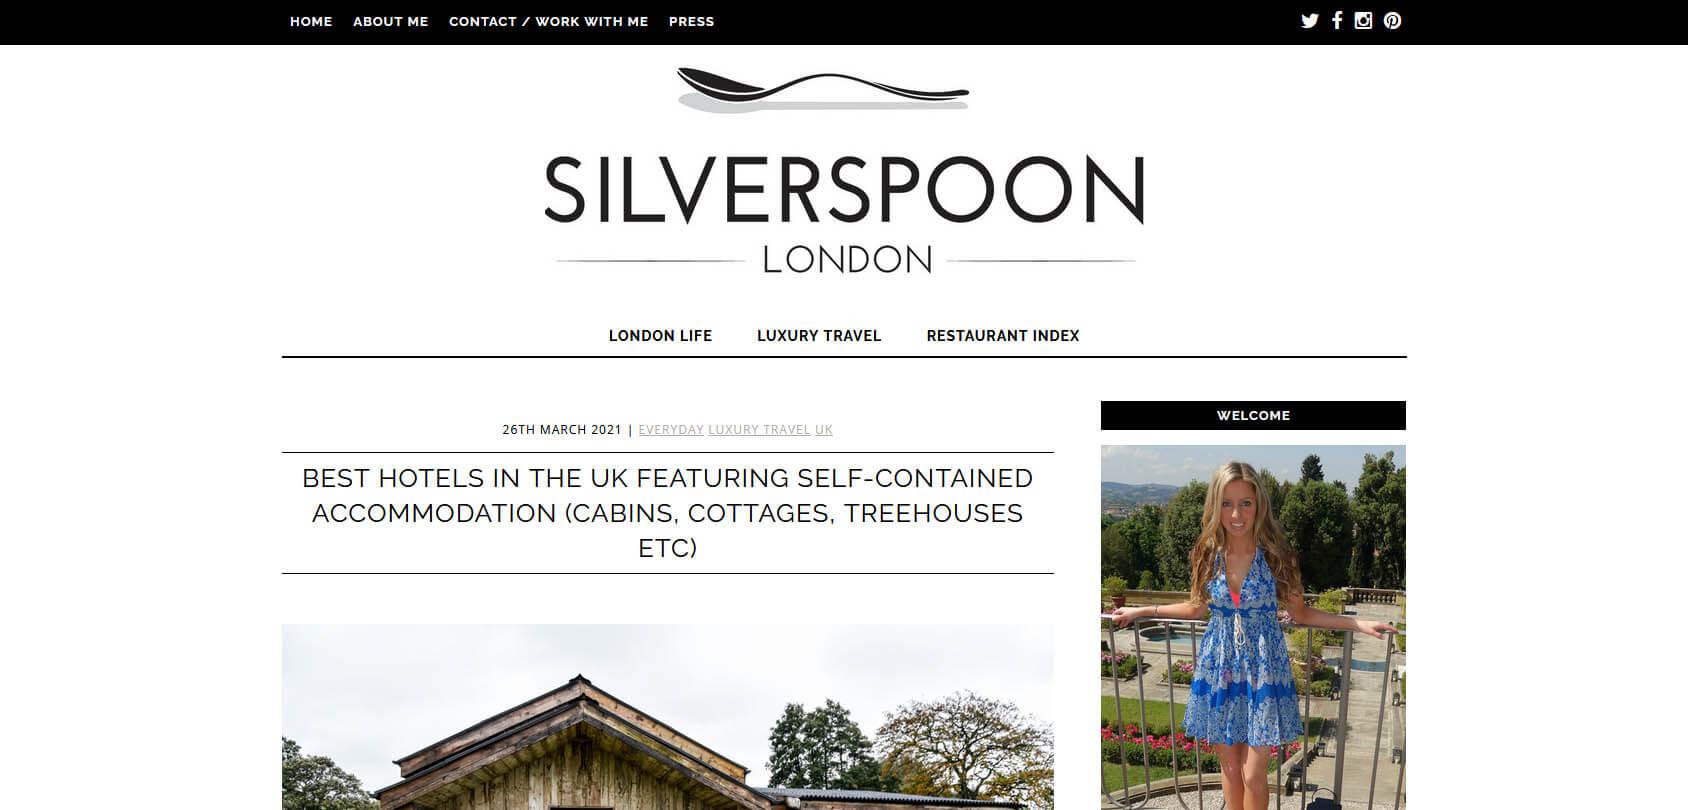 SilverSpoon London Homepage